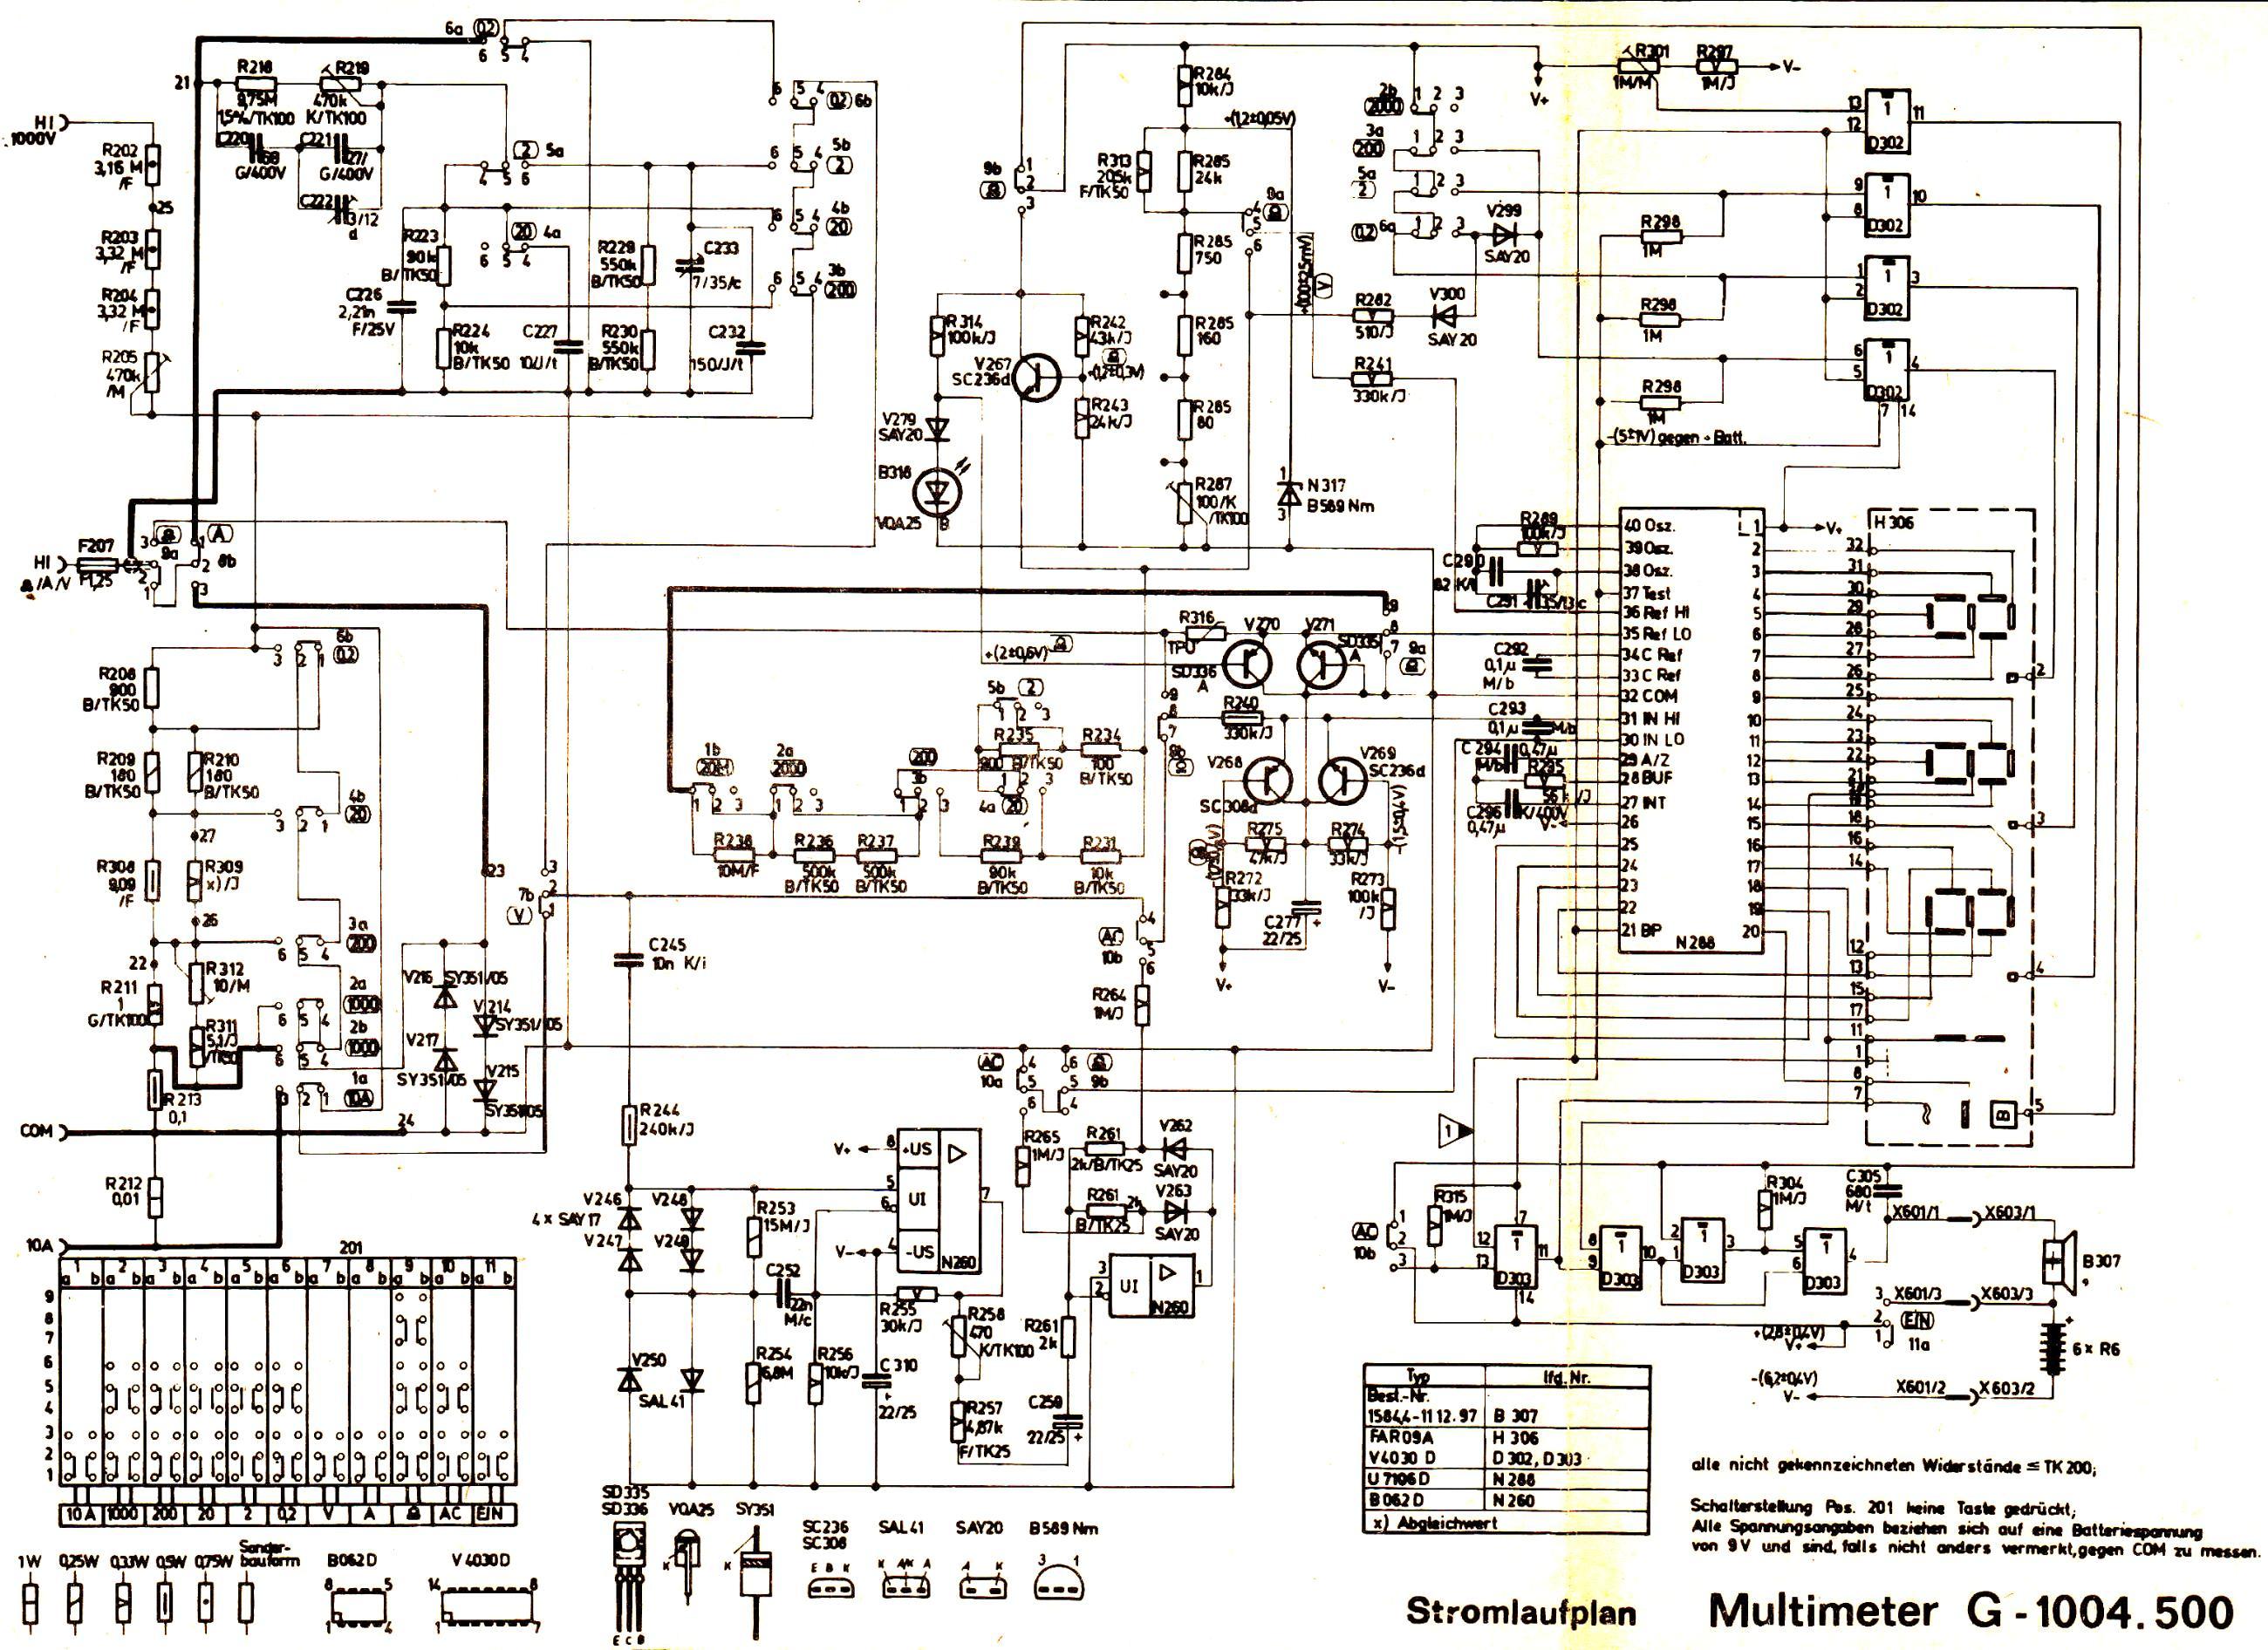 Erfreut Digitaler Schaltplan Ideen - Elektrische Schaltplan-Ideen ...